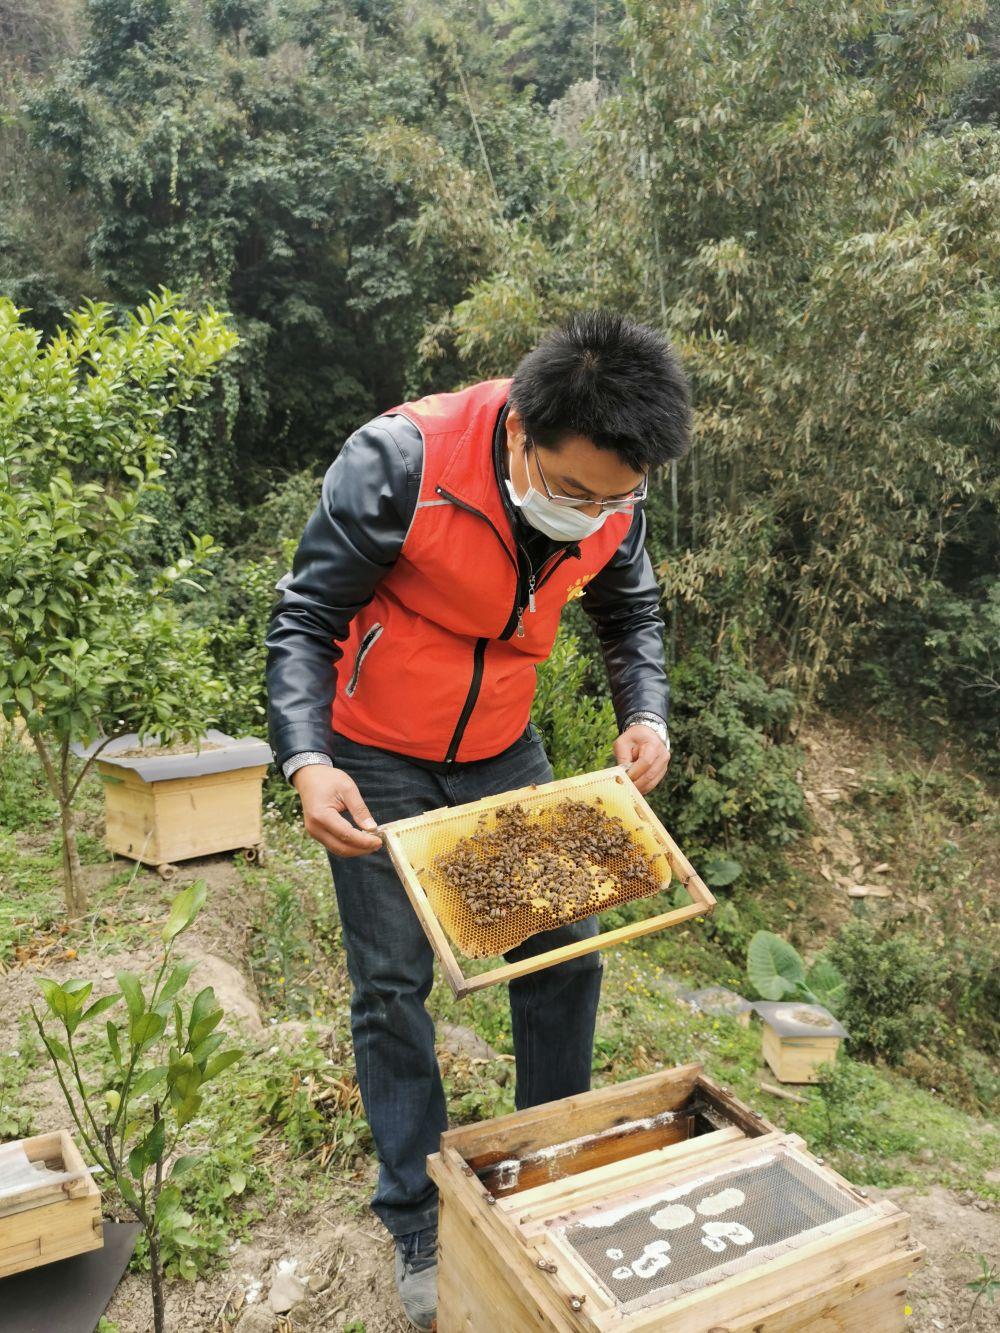 广西乐业县百坭村第一书记杨杰兴查看村里养殖的蜜蜂(2月26日摄)。新华社记者 王念 摄